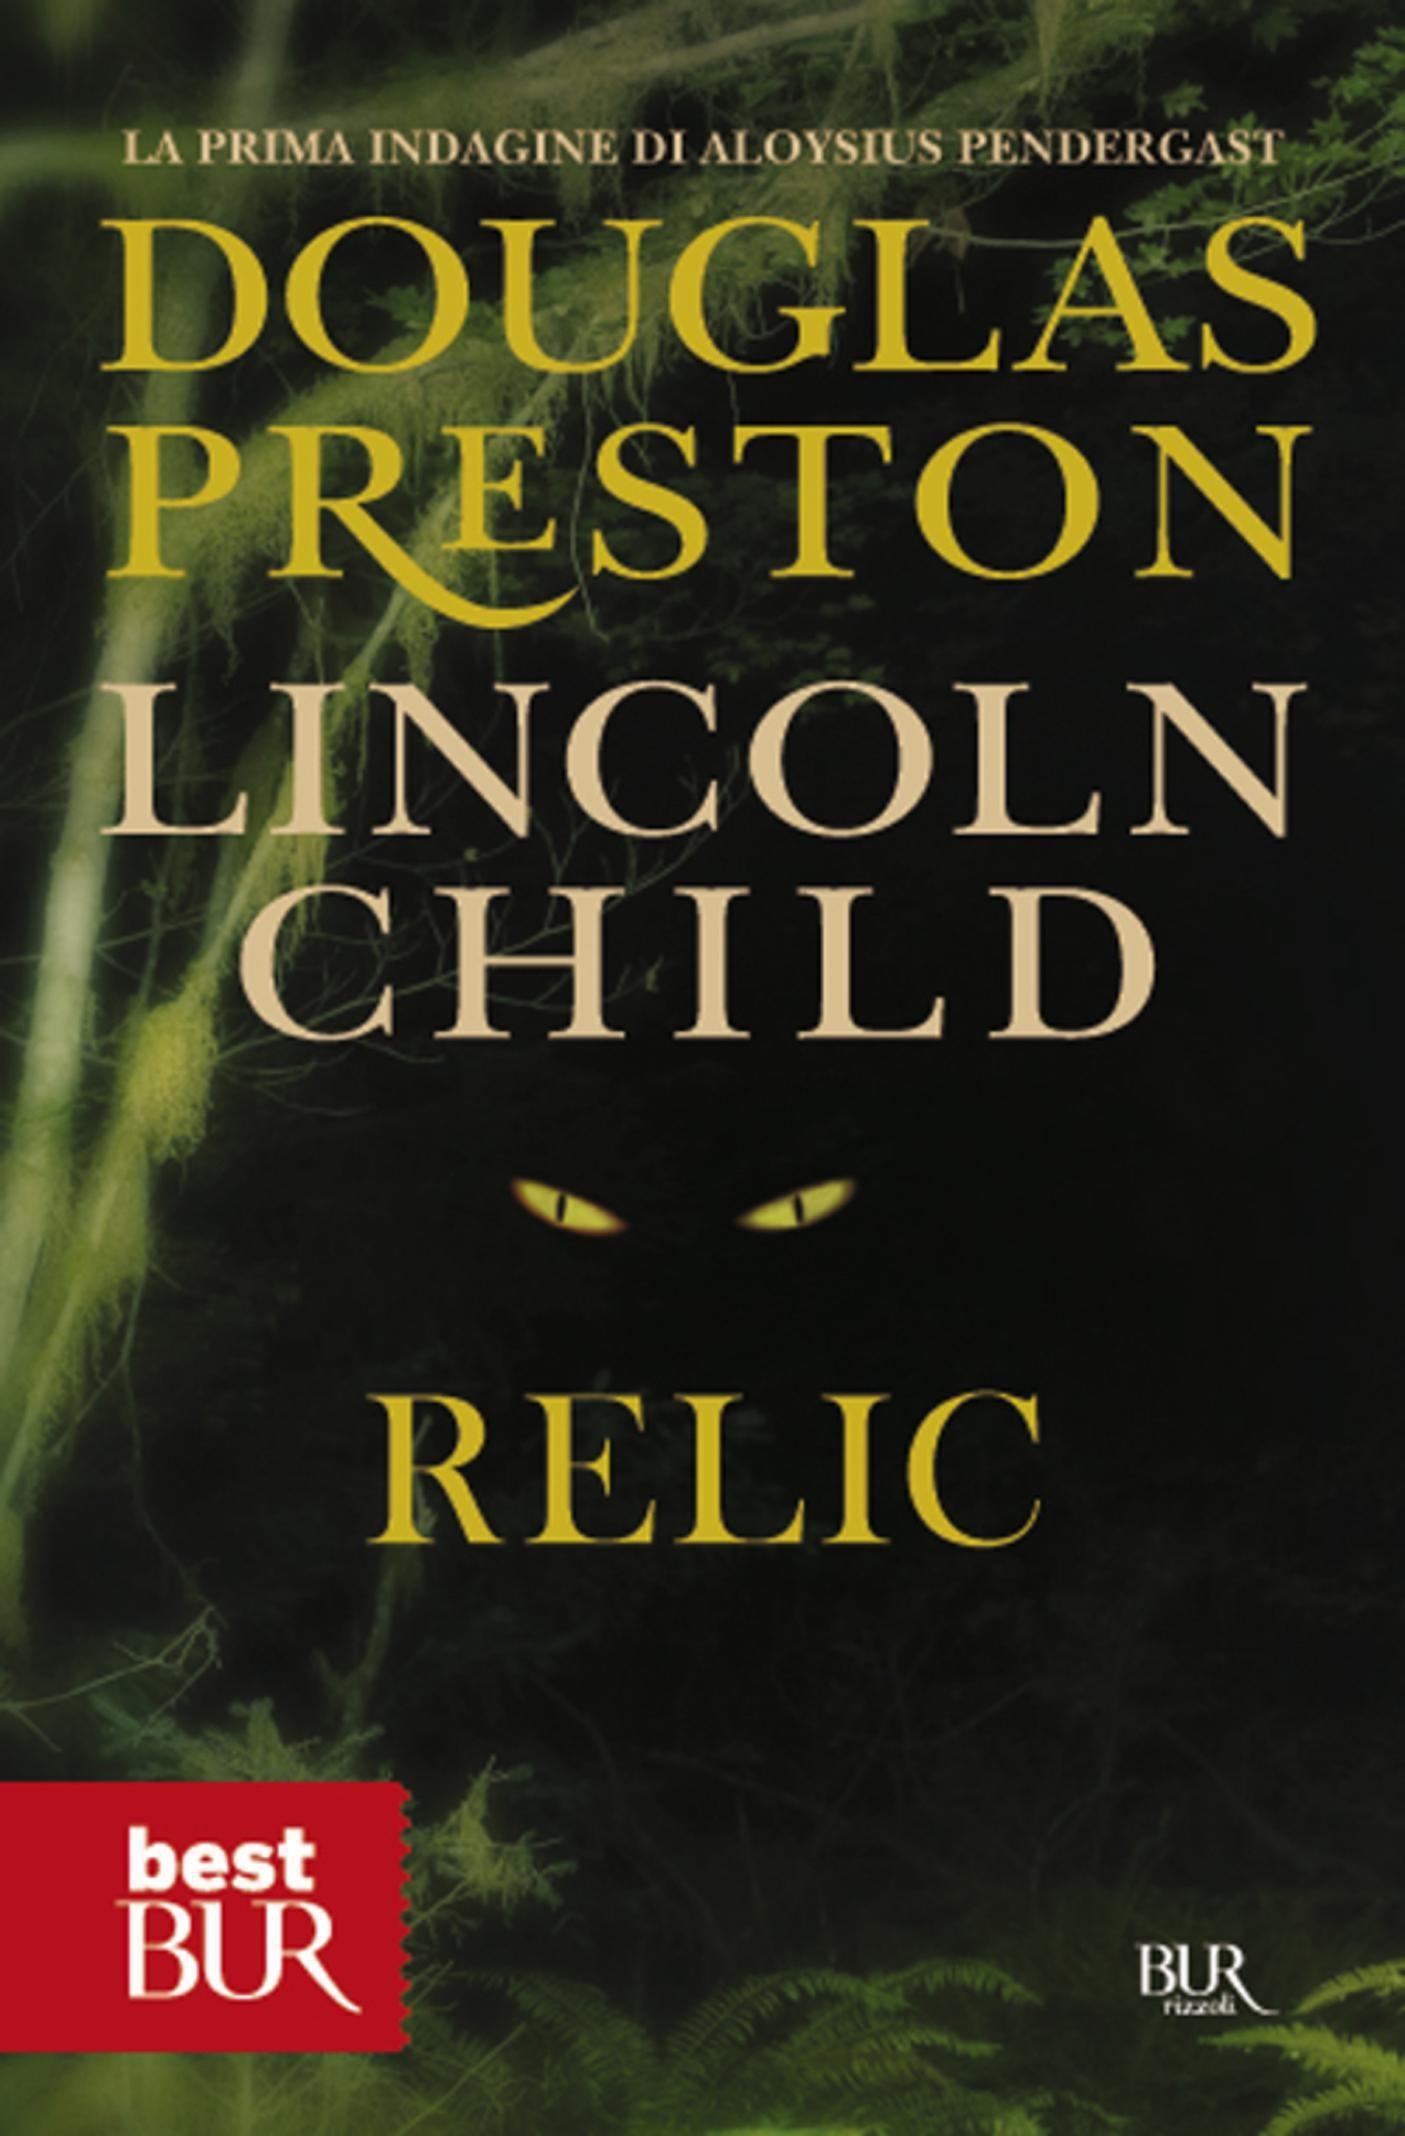 Book Cover Images Api : Relic versione italiana lincoln child douglas preston